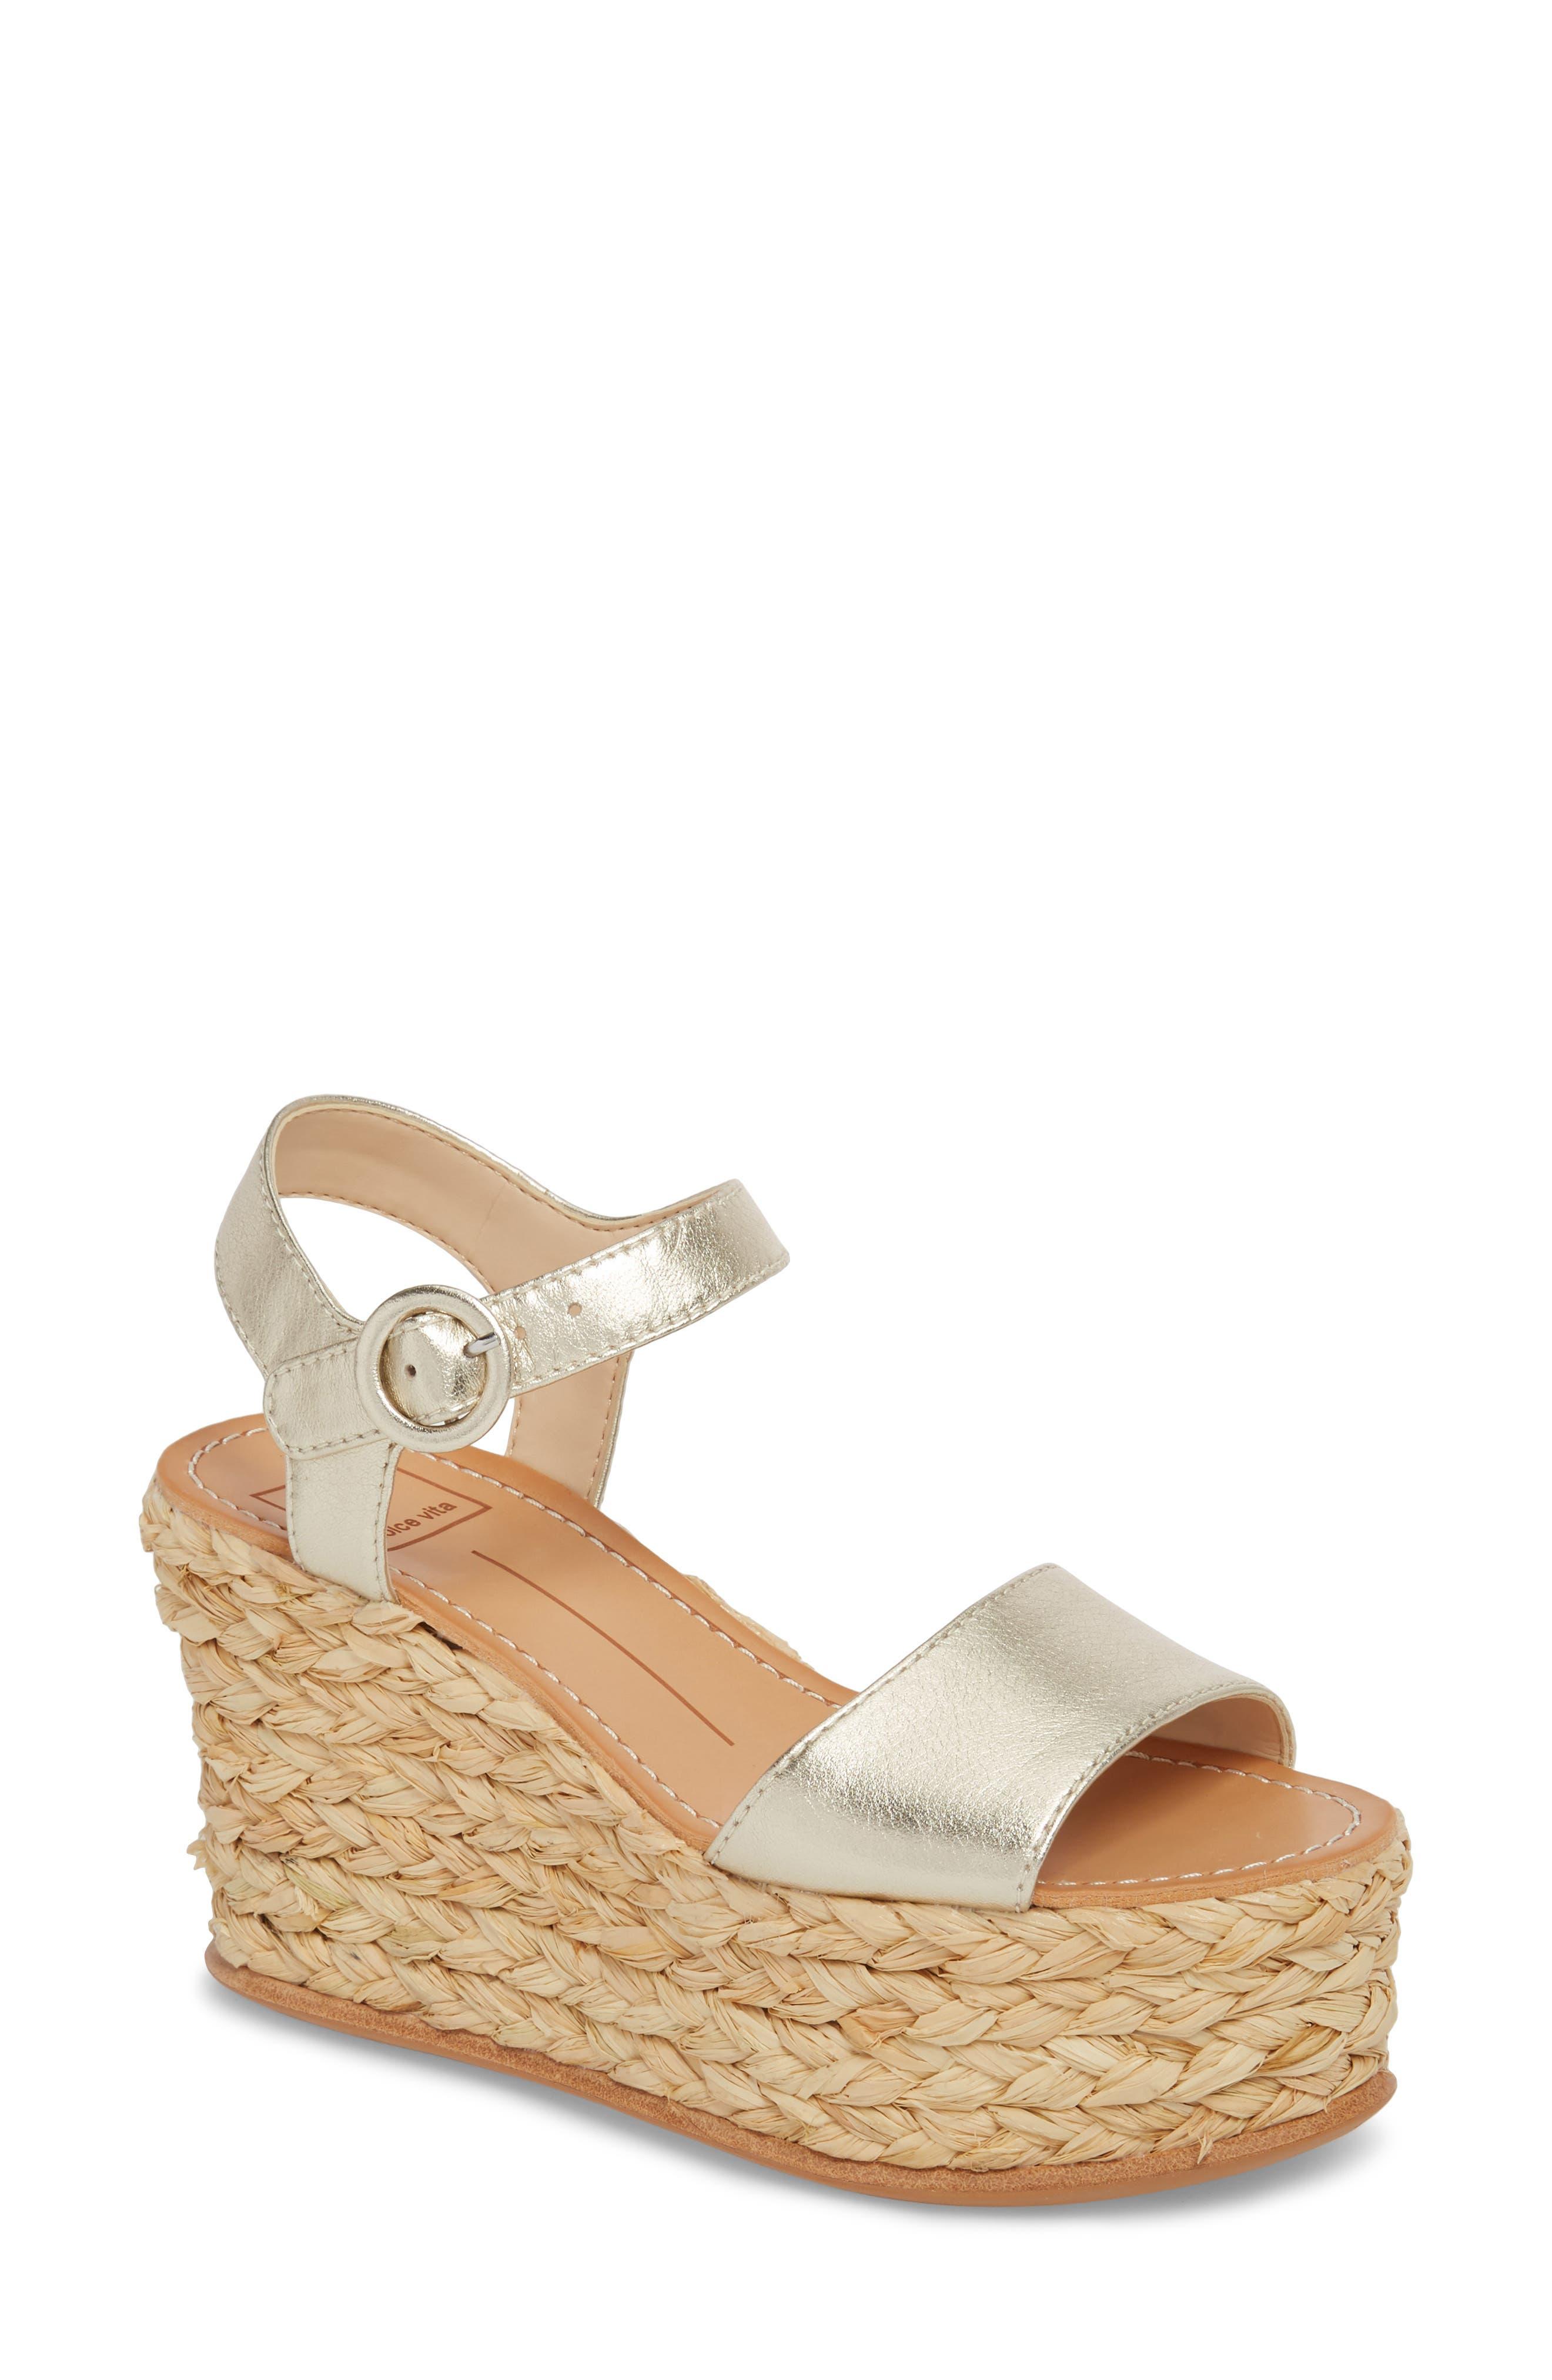 Dane Suede Platform Wedge Espadrille Sandals TWBLrV